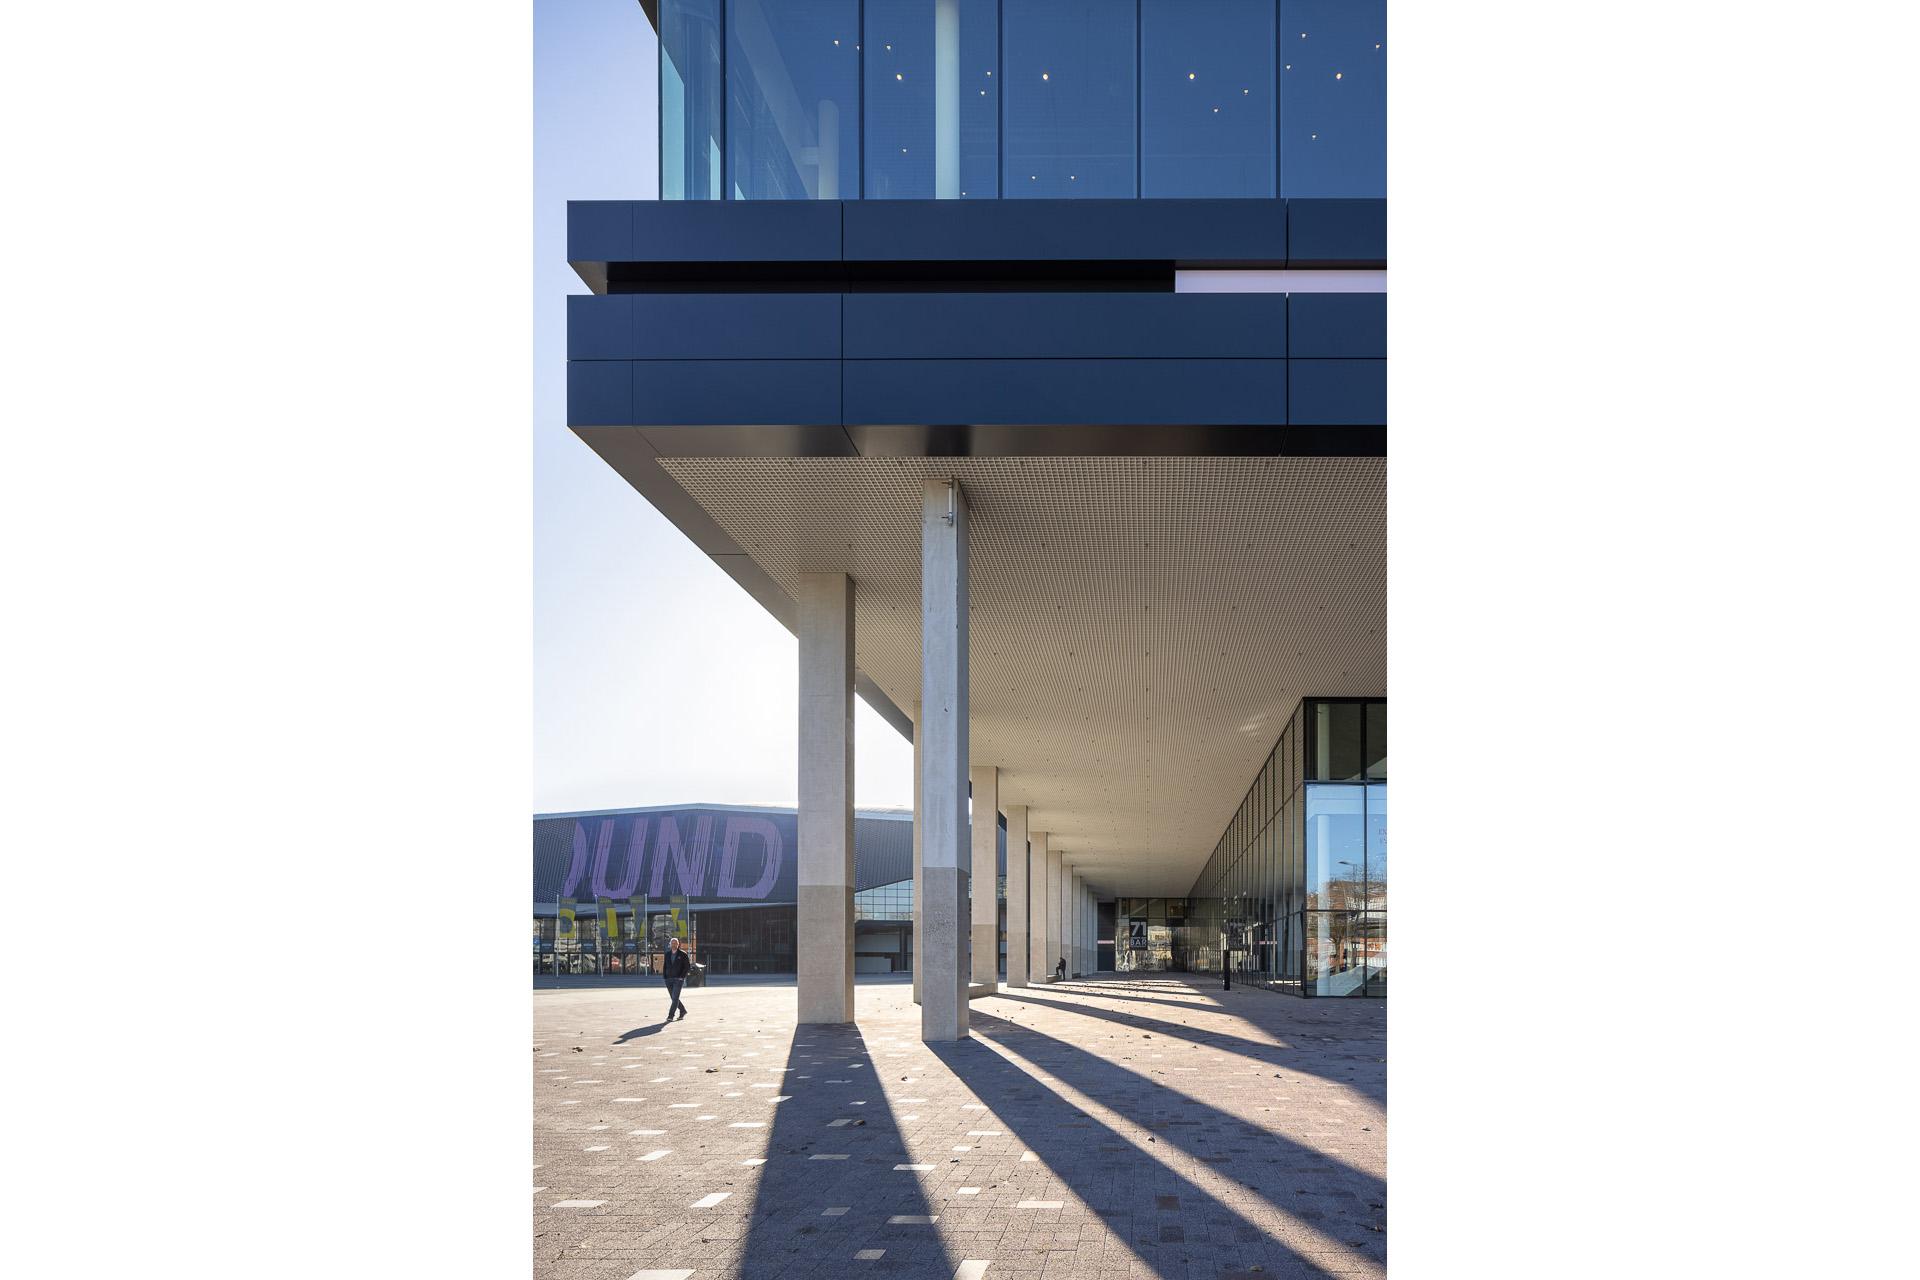 SP2020-Rotterdam-Ahoy-Convention-Centre-Exterieur-3-Architectuur-fotografie